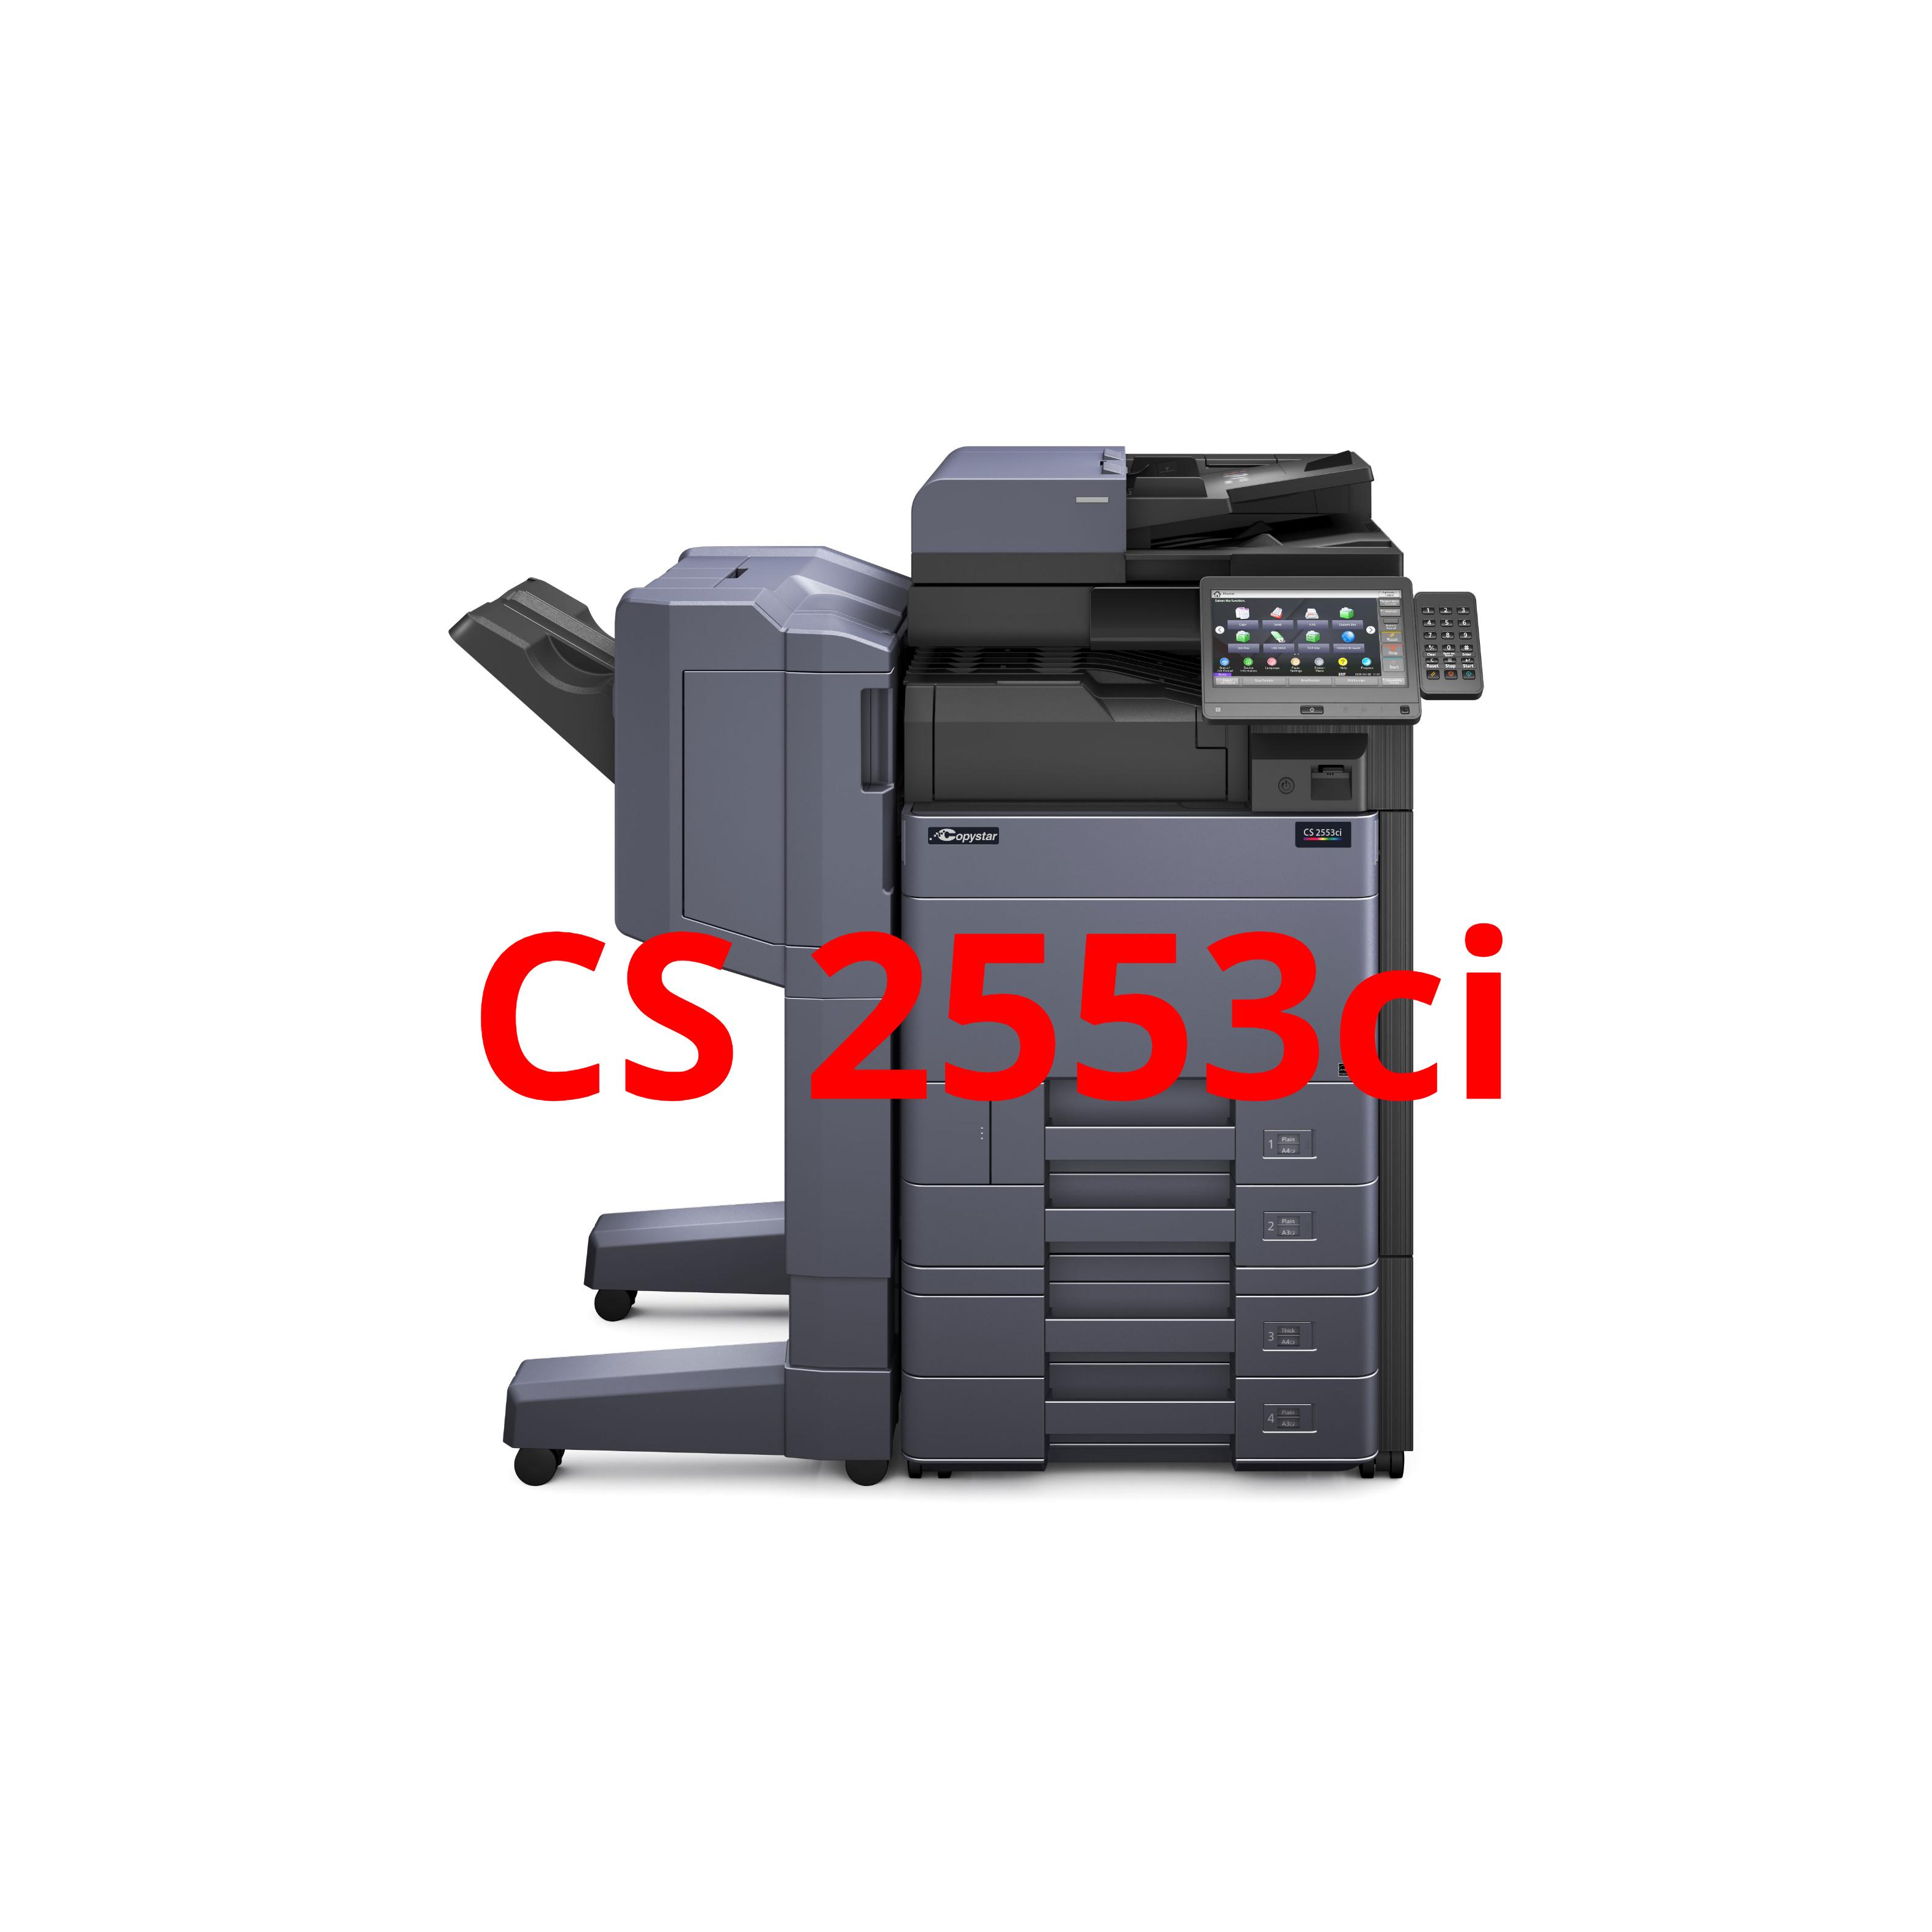 https://0201.nccdn.net/1_2/000/000/0a4/149/CS_2553ci_Image2-3162x3162.jpg